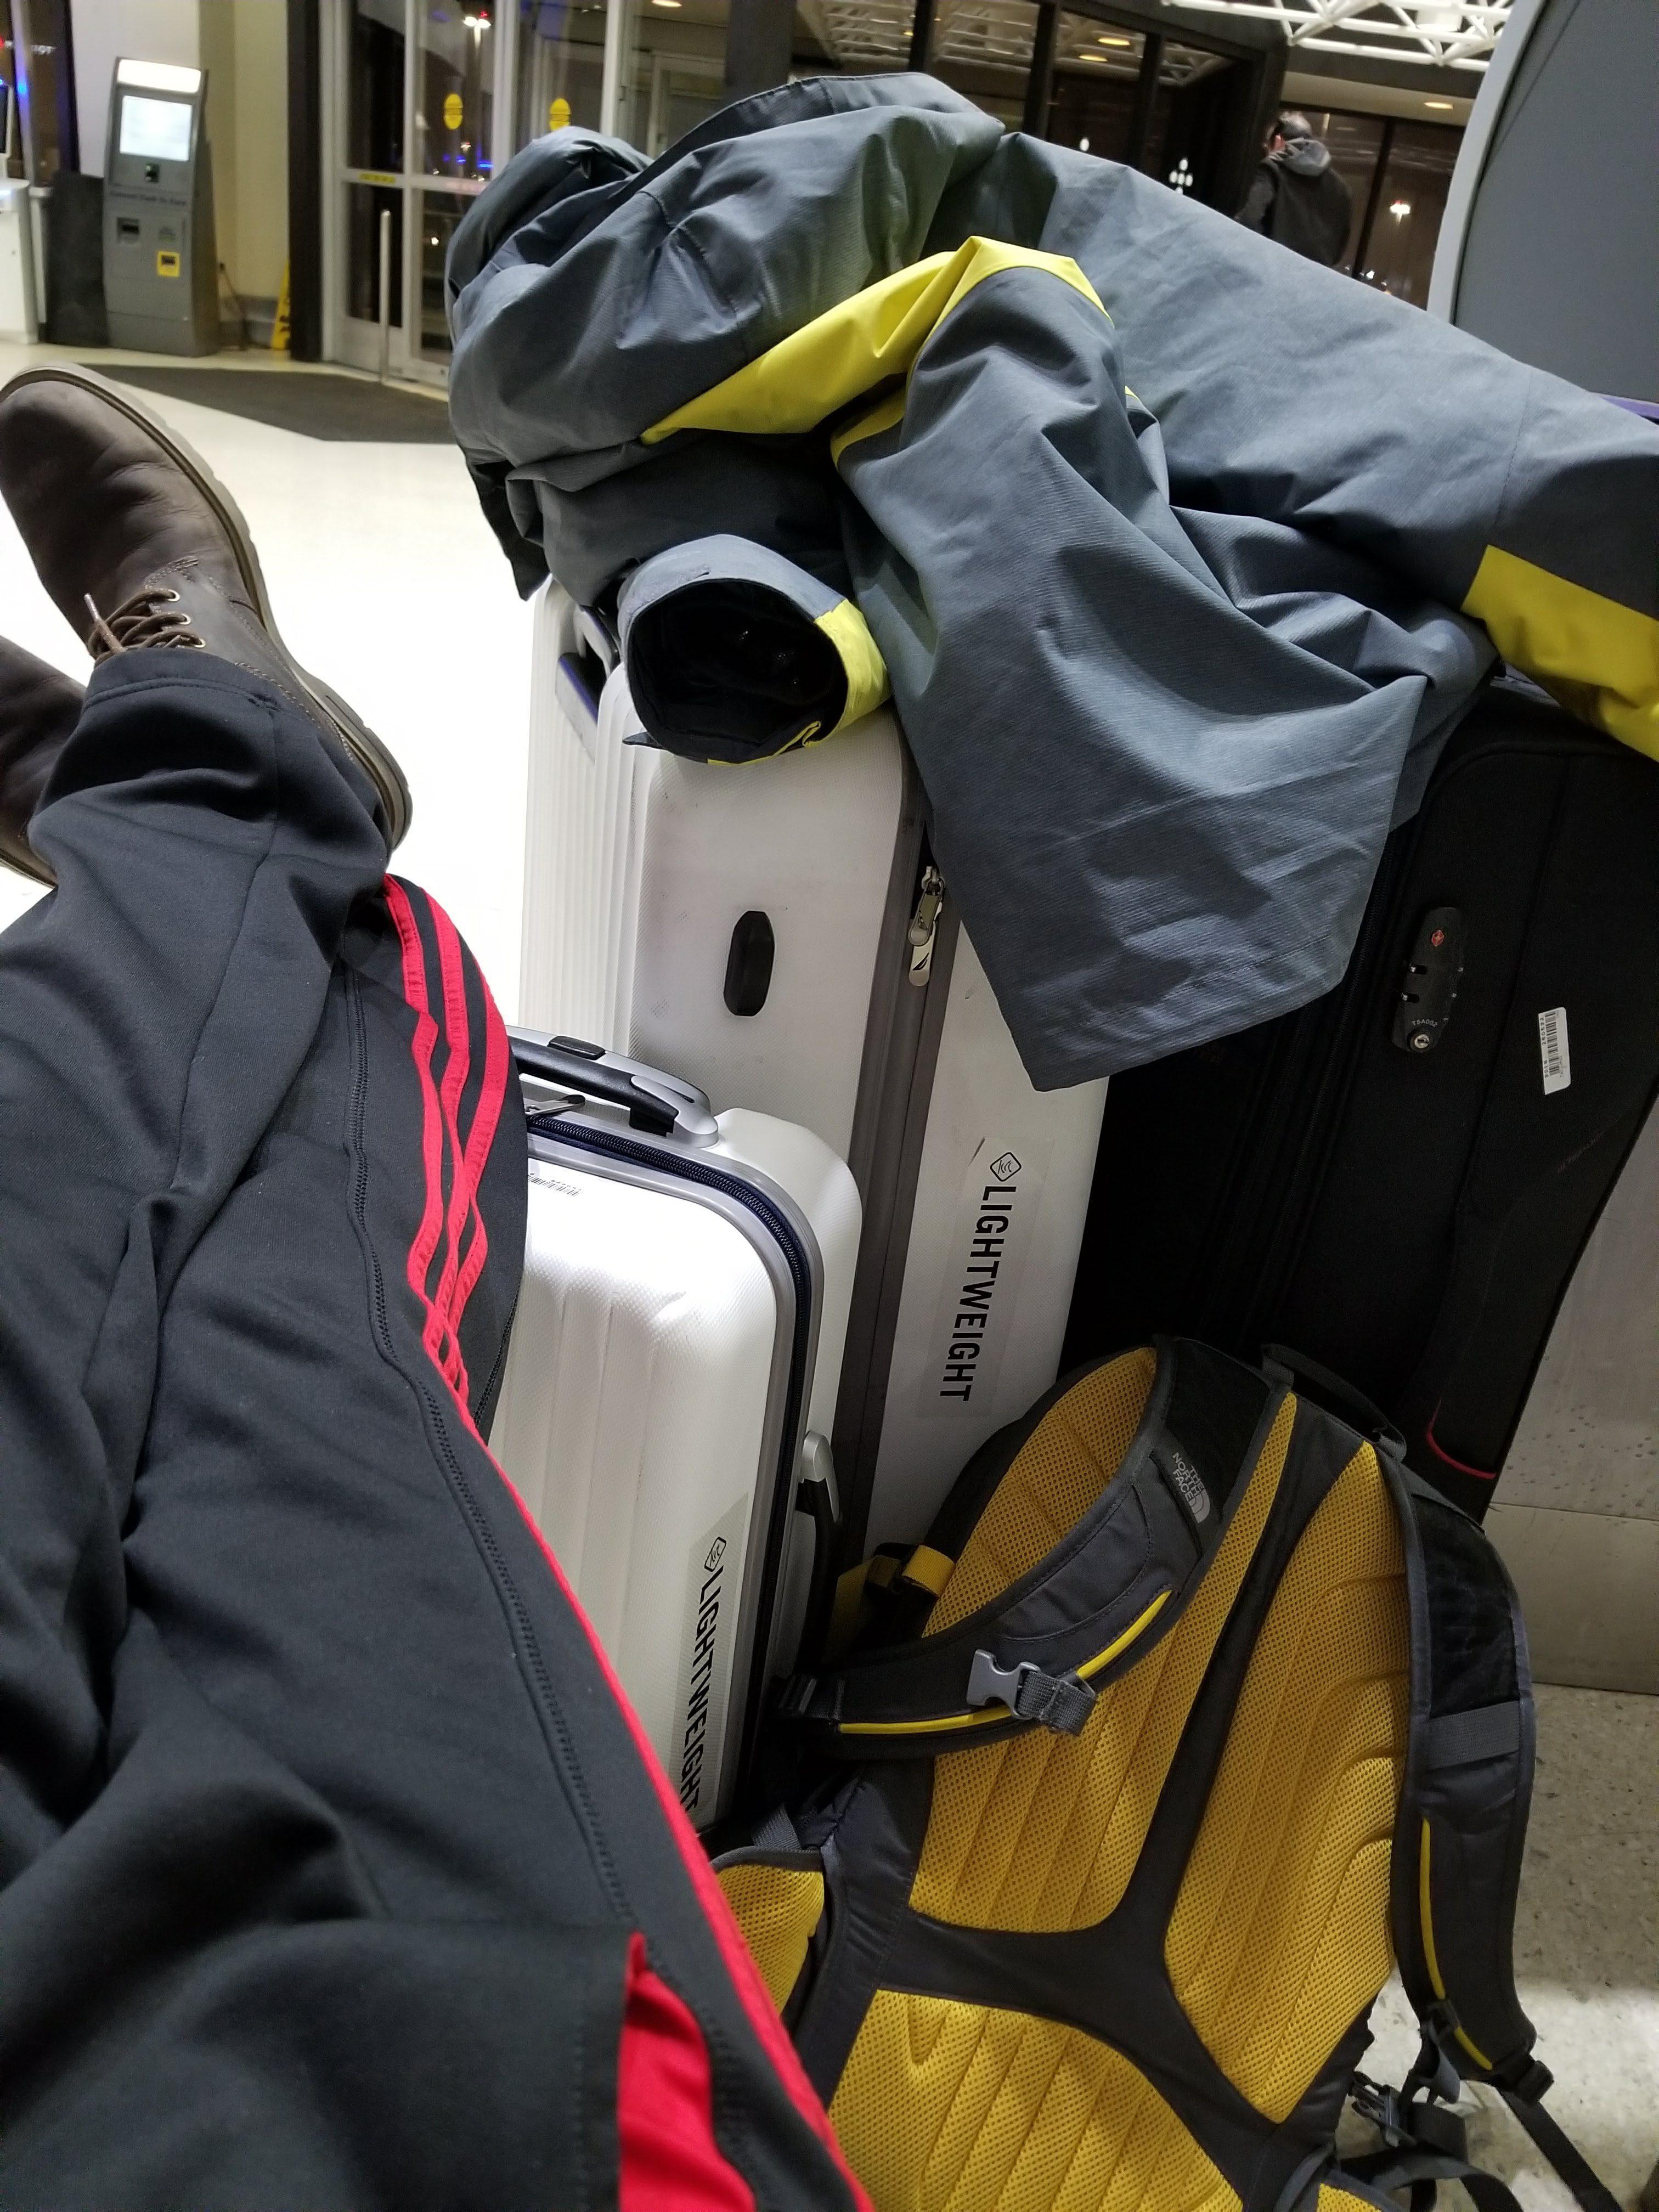 记在纽瓦克机场度过的一晚 - 记在纽瓦克机场度过的一晚